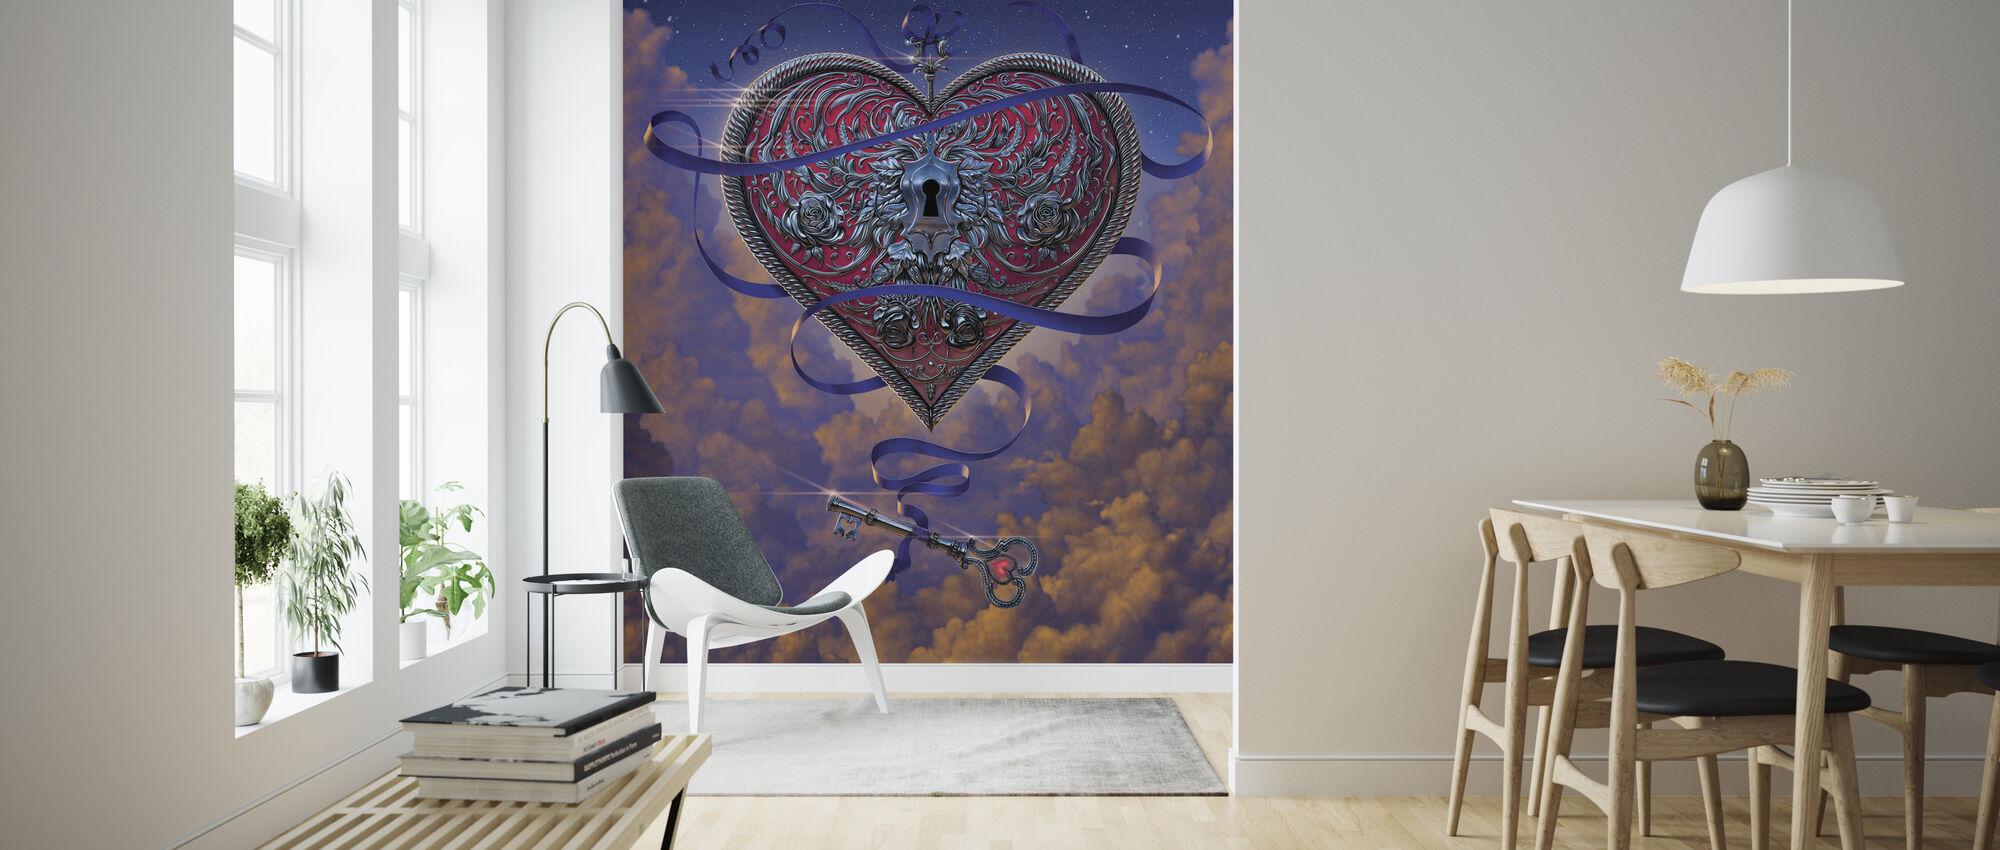 Sydän ja avain - Tapetti - Olohuone